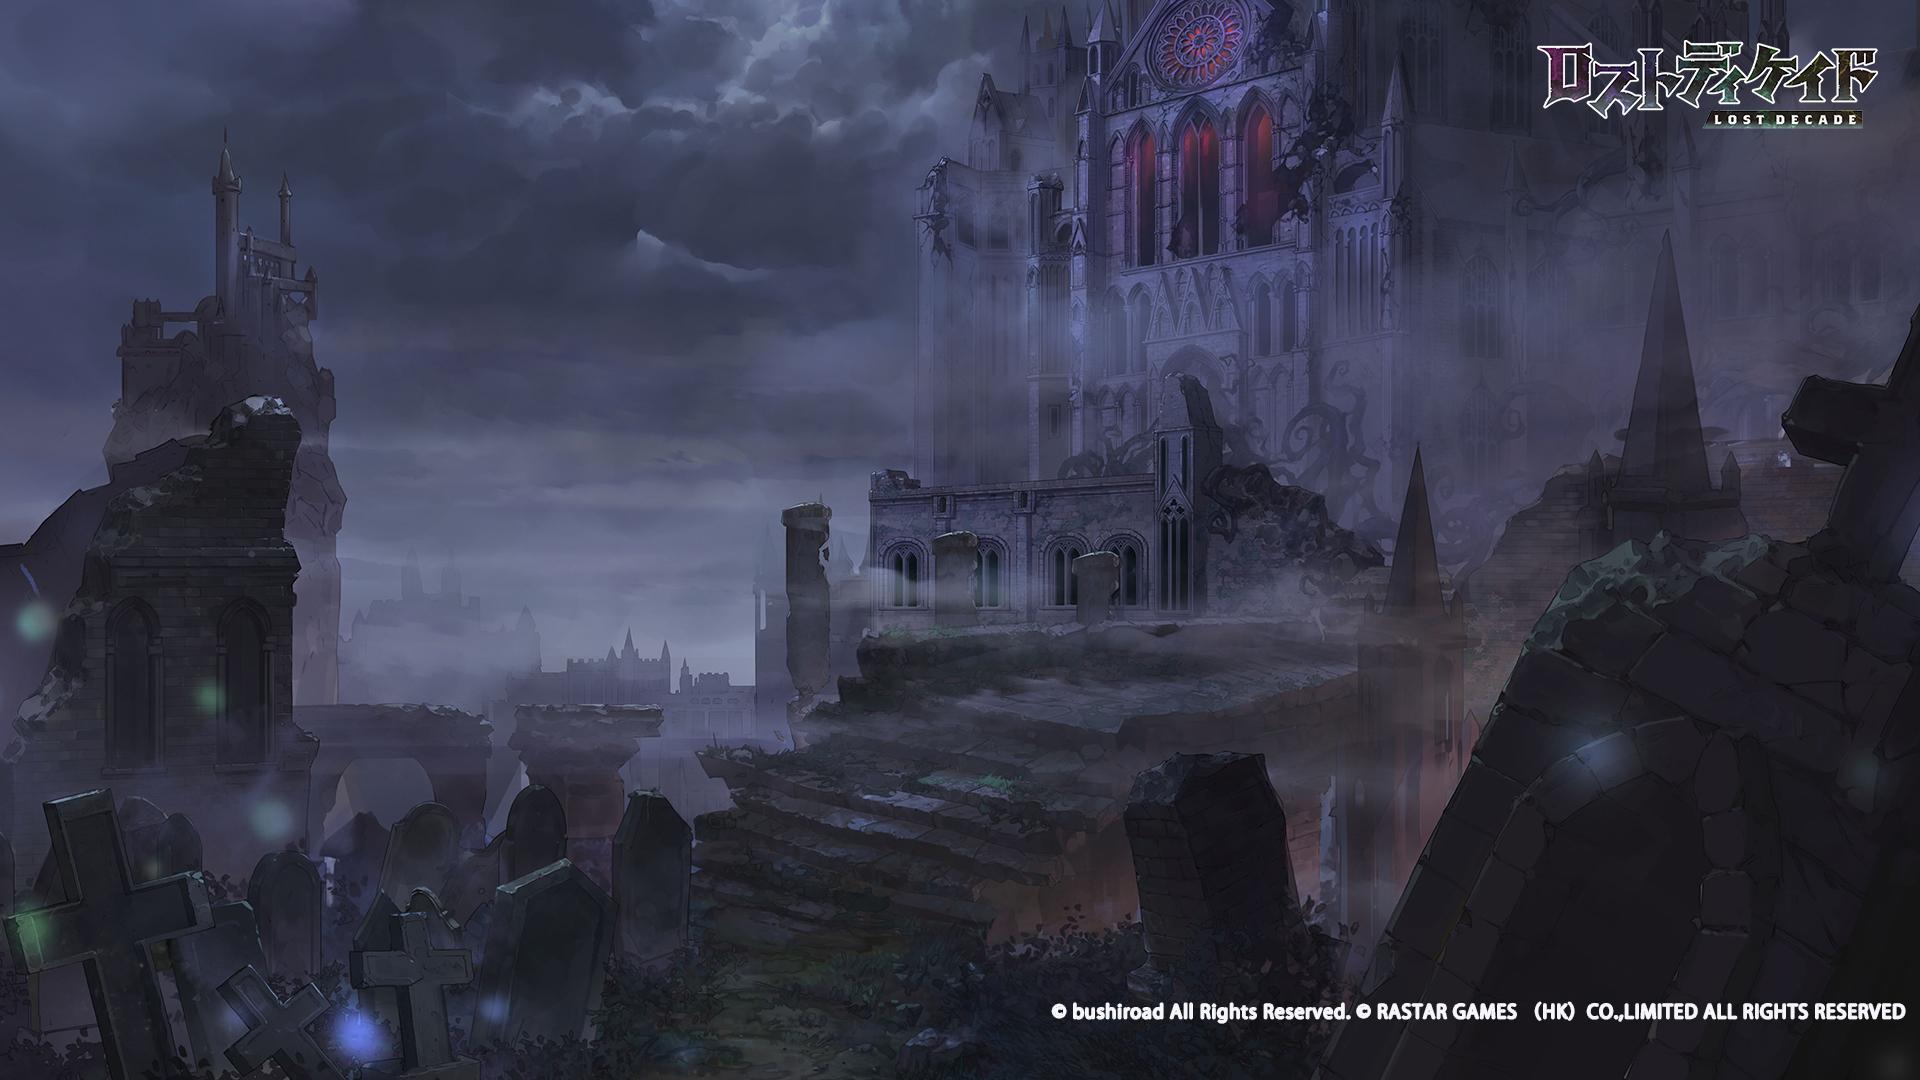 『ロストディケイド』ビデオ会議用バーチャル背景画像